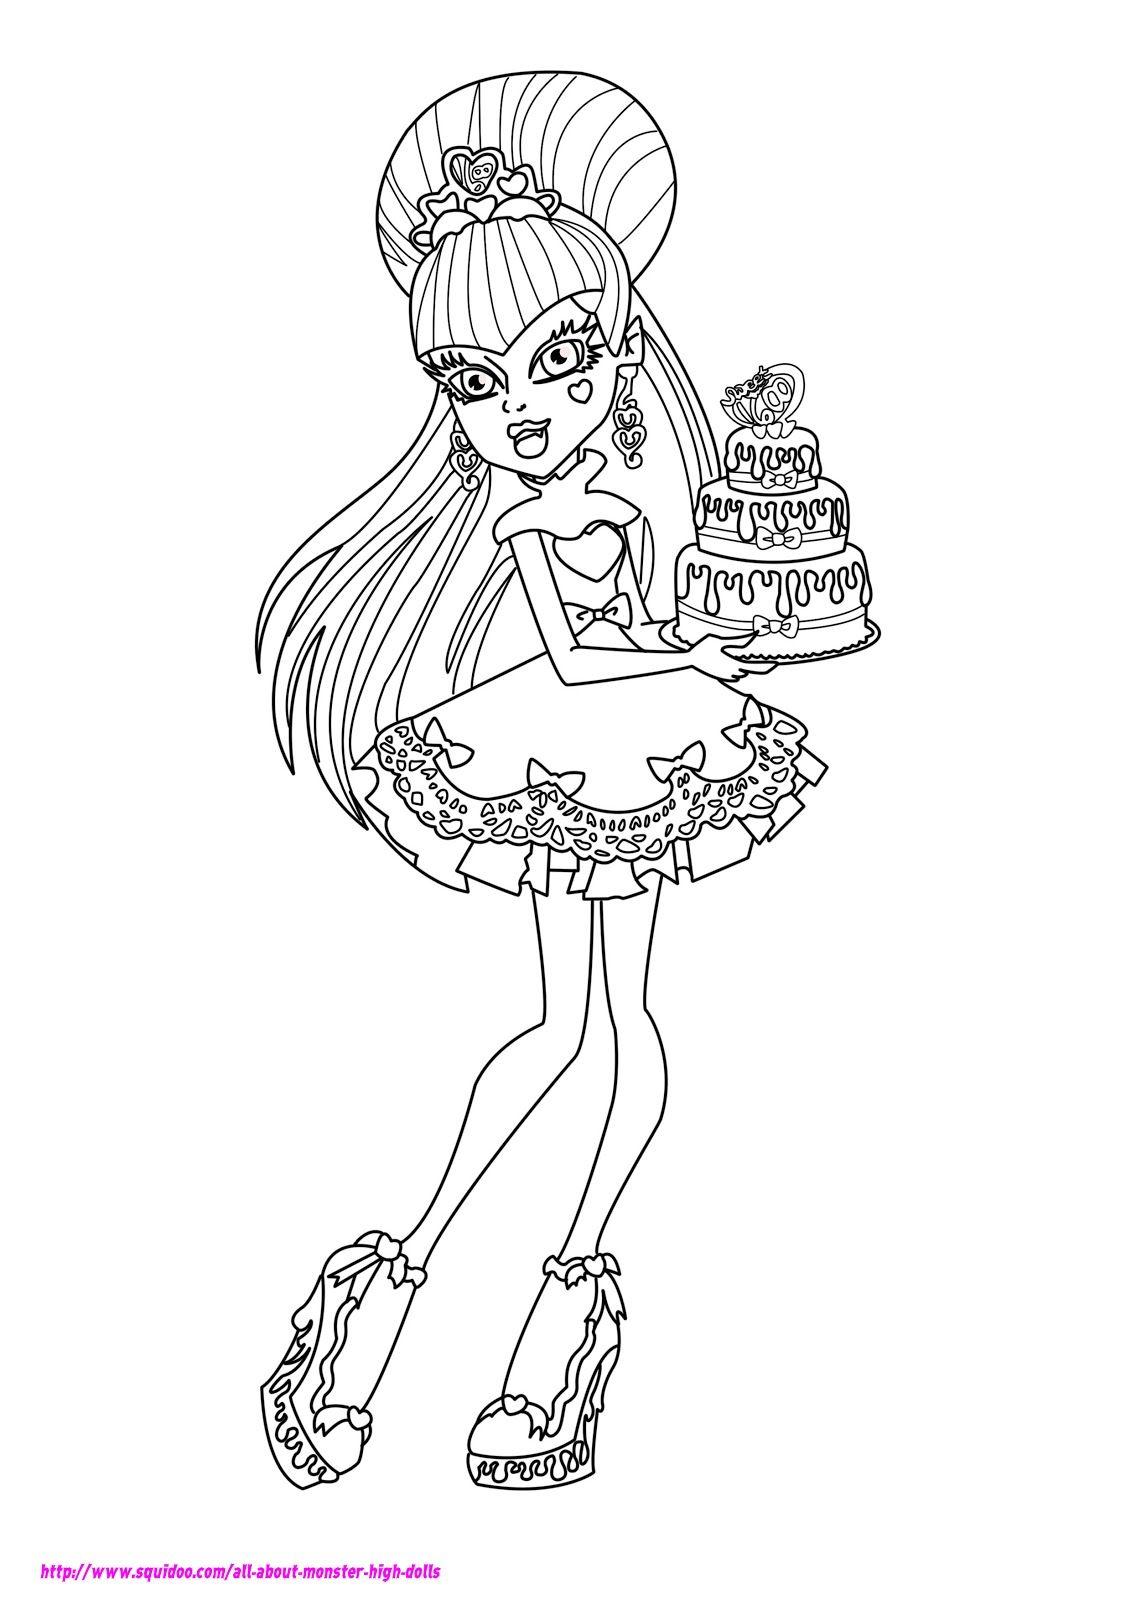 Monster High Geburtstag Malvorlagen Monster High Charaktere Lustige Malvorlagen